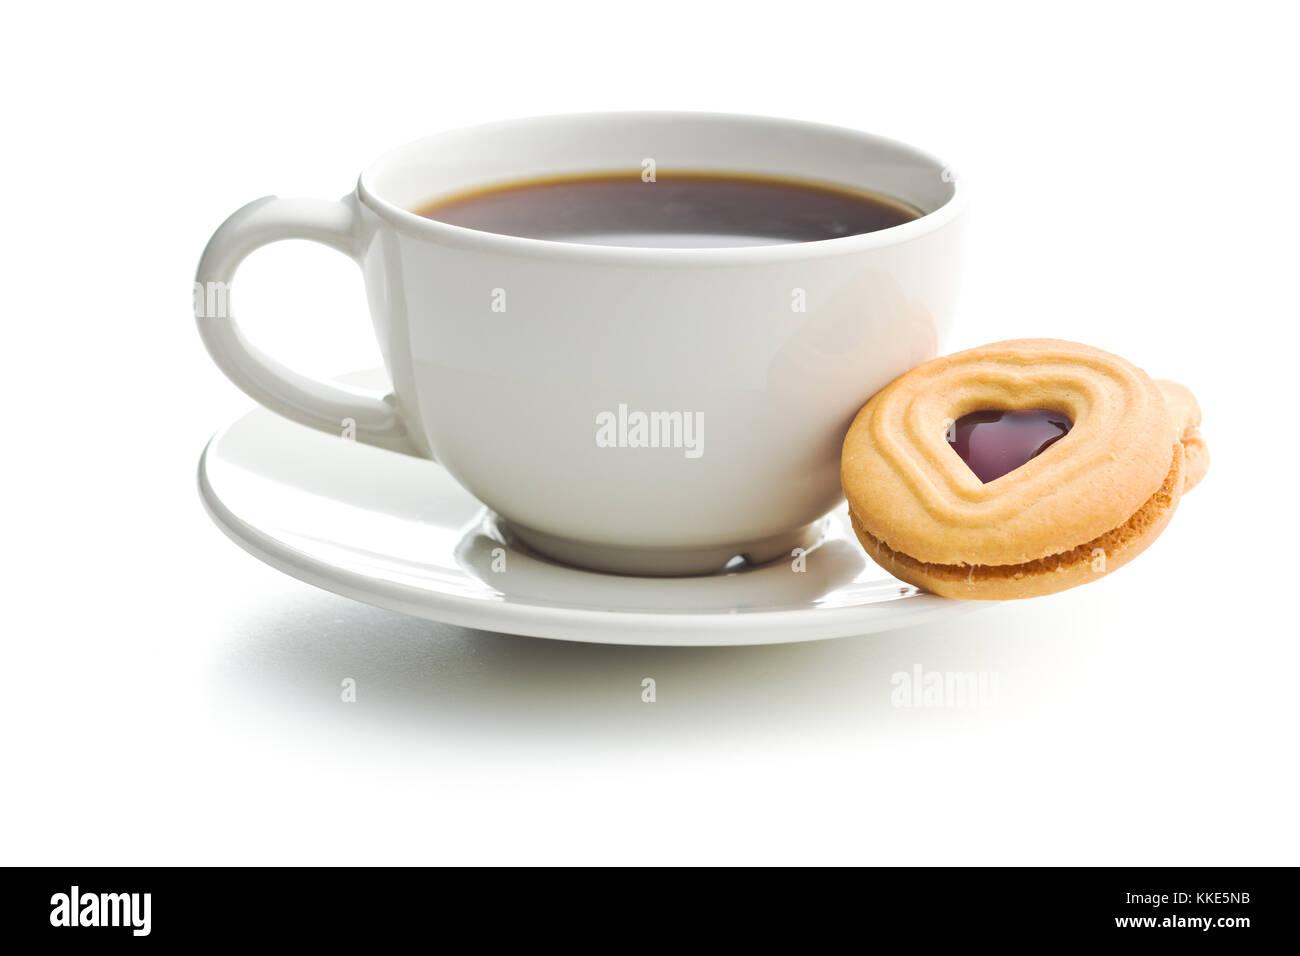 Sweet jelly cookies e tazza di caffè isolato su sfondo bianco. Immagini Stock